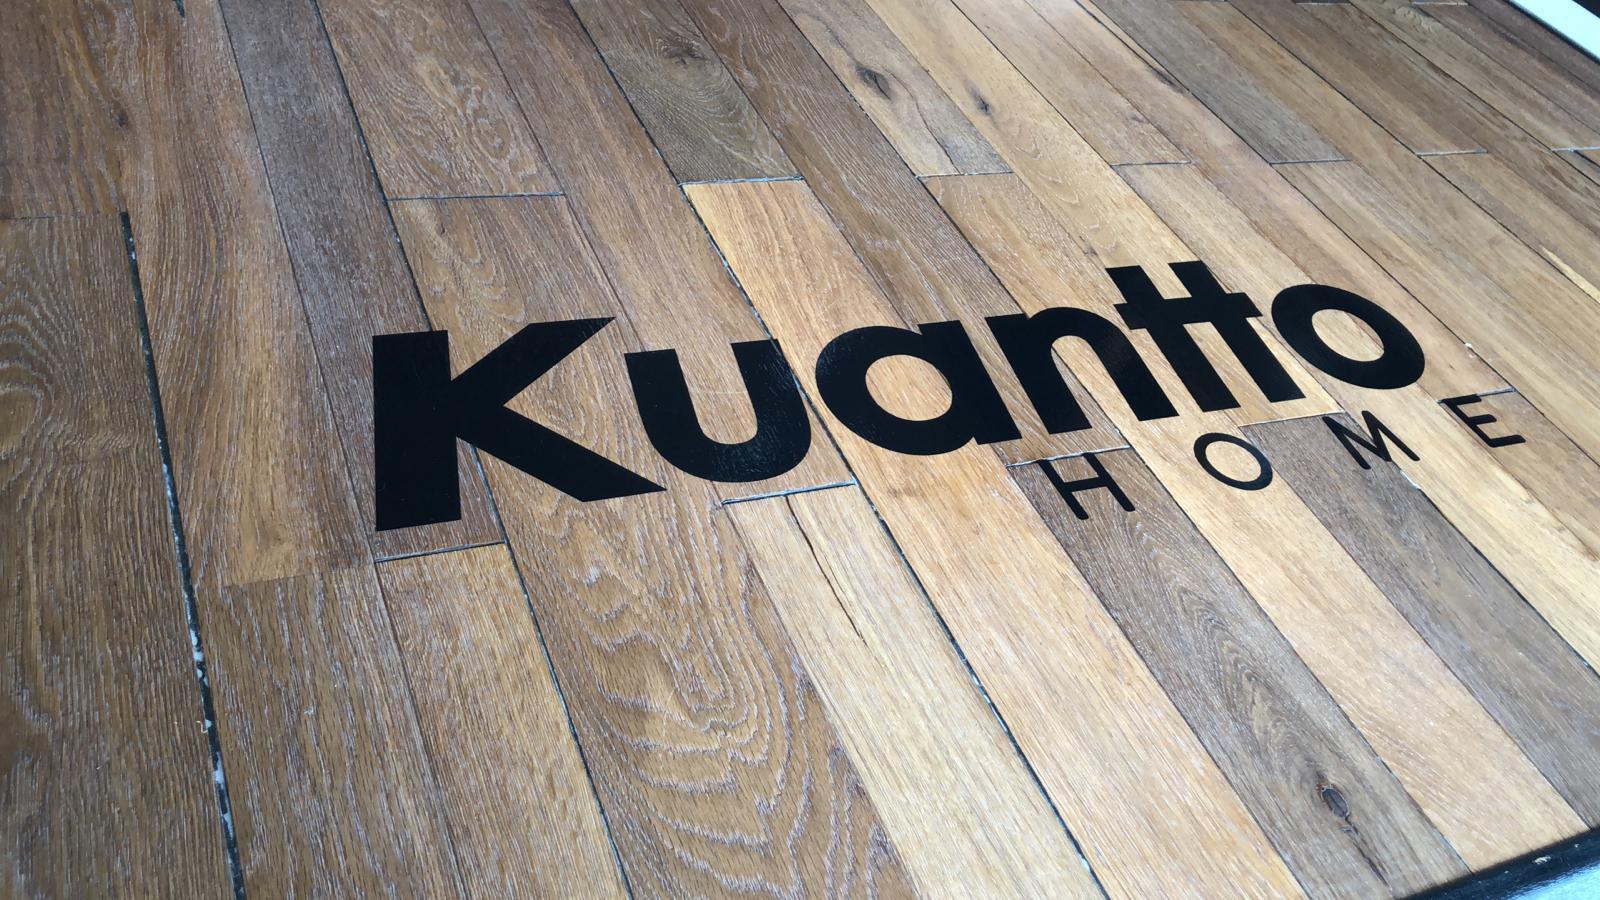 Logo de Kuantto home en negro sobre madera